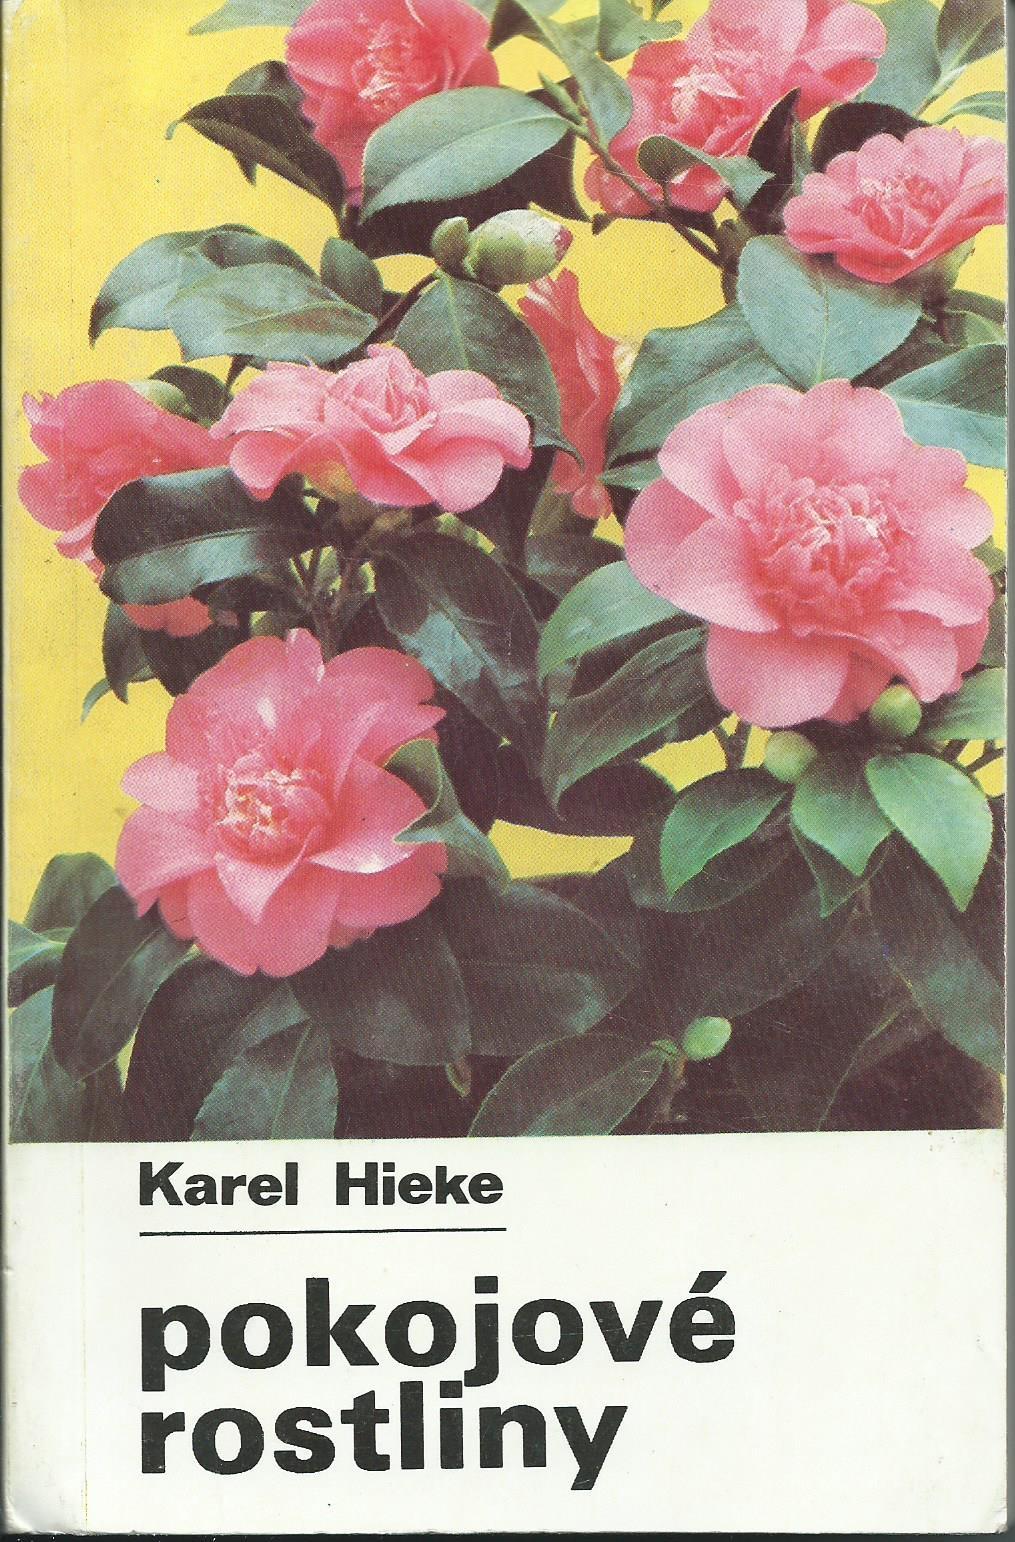 Pokojové rostliny - Karel Hieke